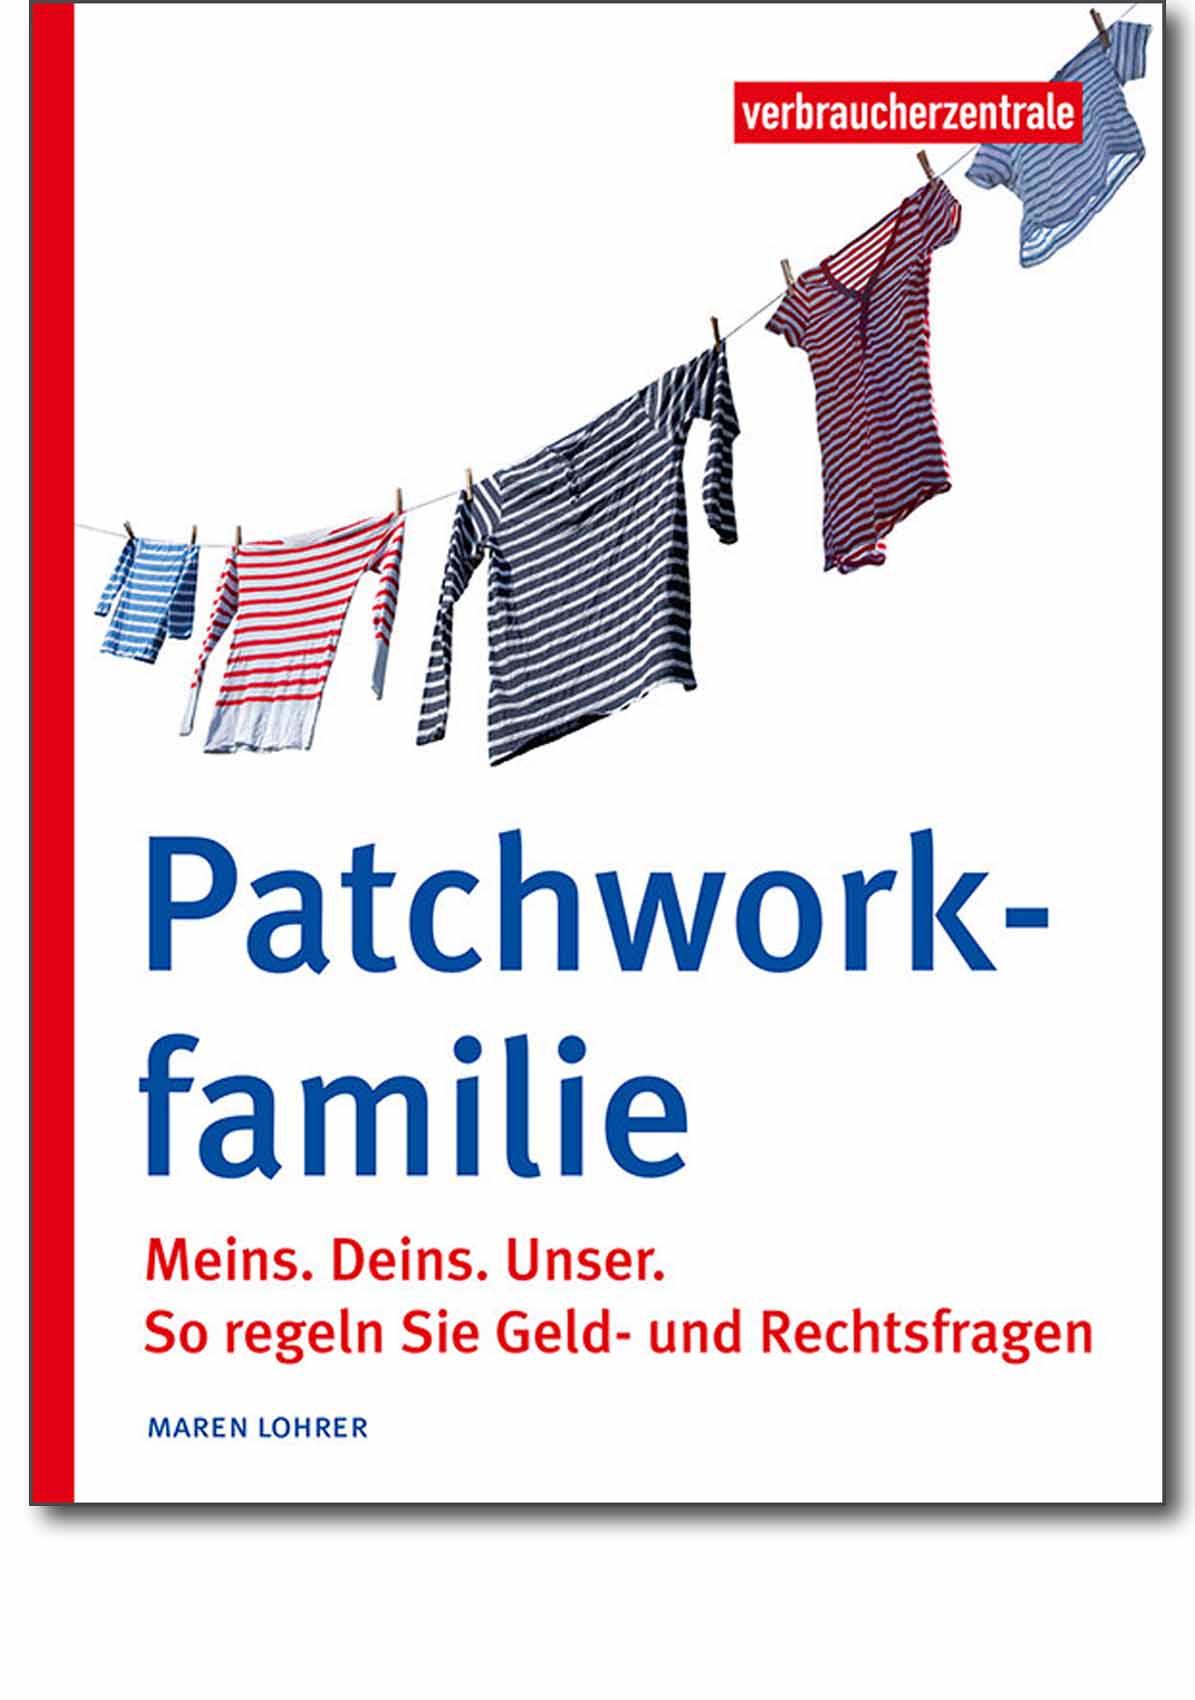 Buch - Patchworkfamilie - Verbraucherzentrale